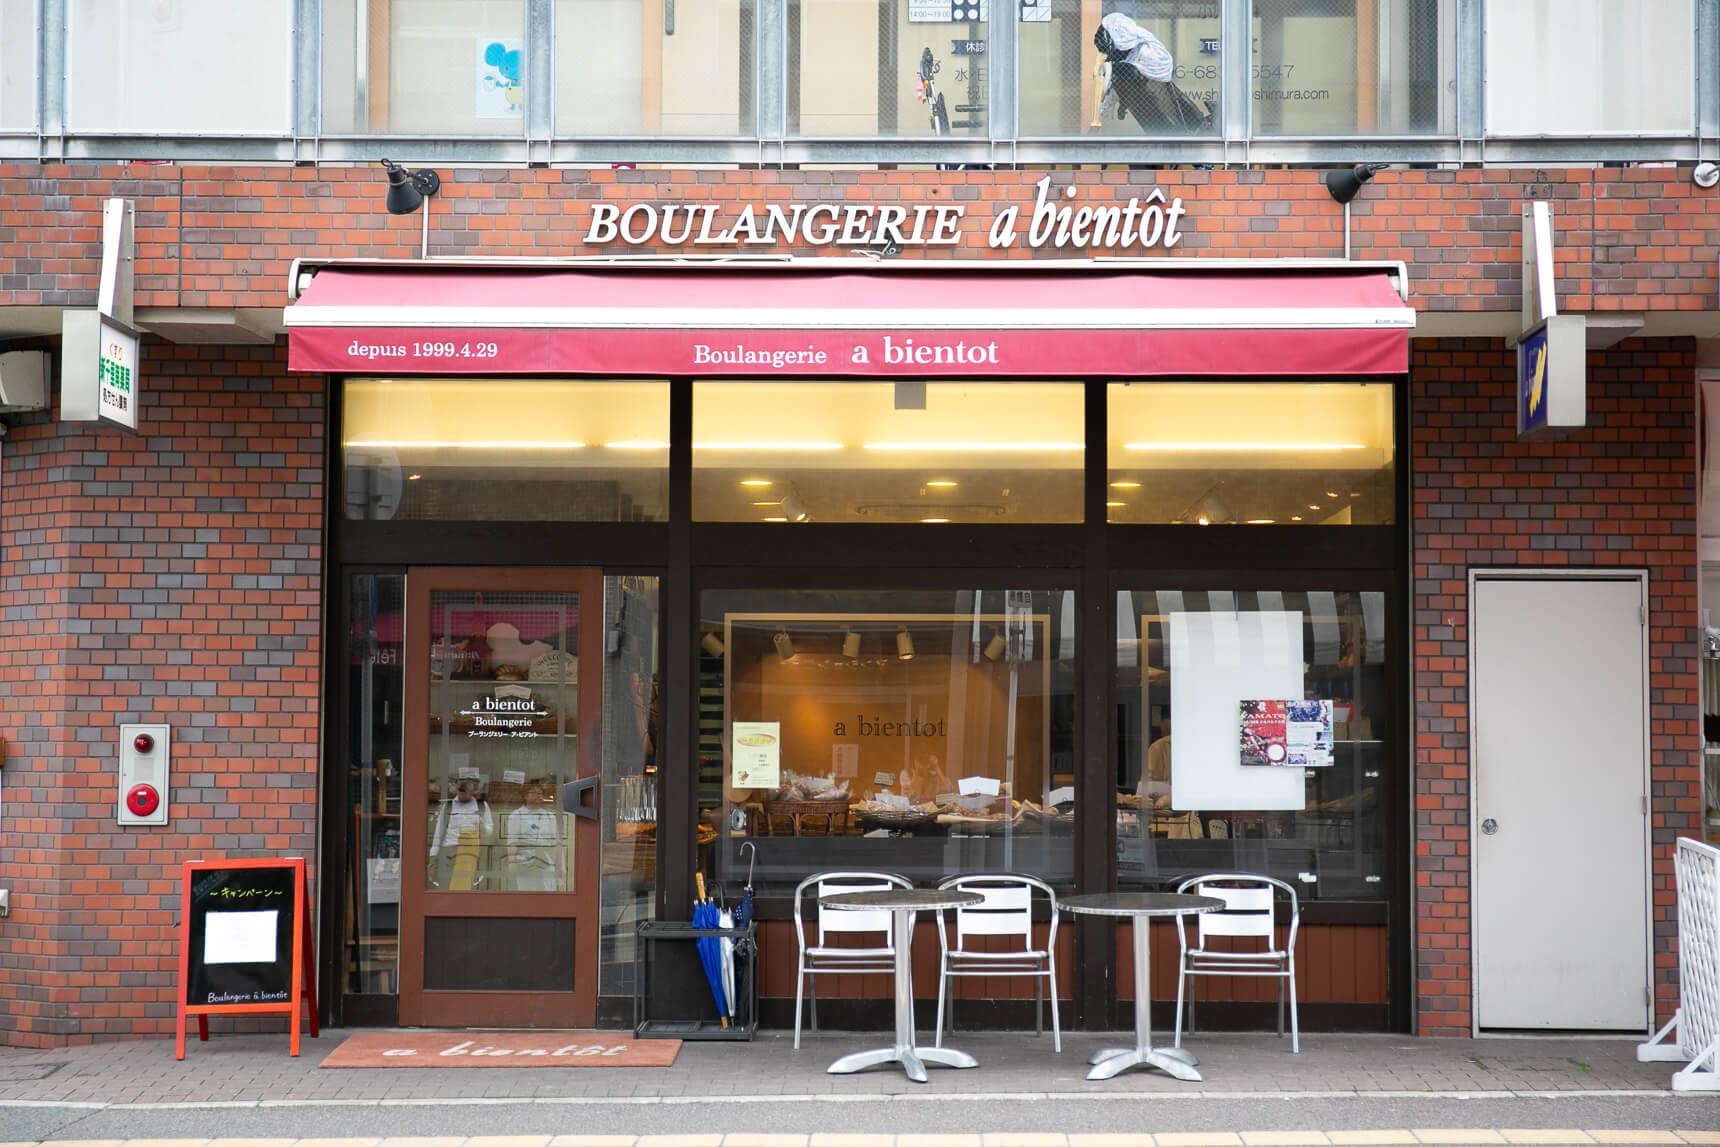 徒歩圏内にも、ちょっとしたお店の集まるスポットがありました。こちらは、美味しいと評判のパン屋さん。毎朝お散歩がてらパンを買いに来るなんていうのもいいかもしれない。